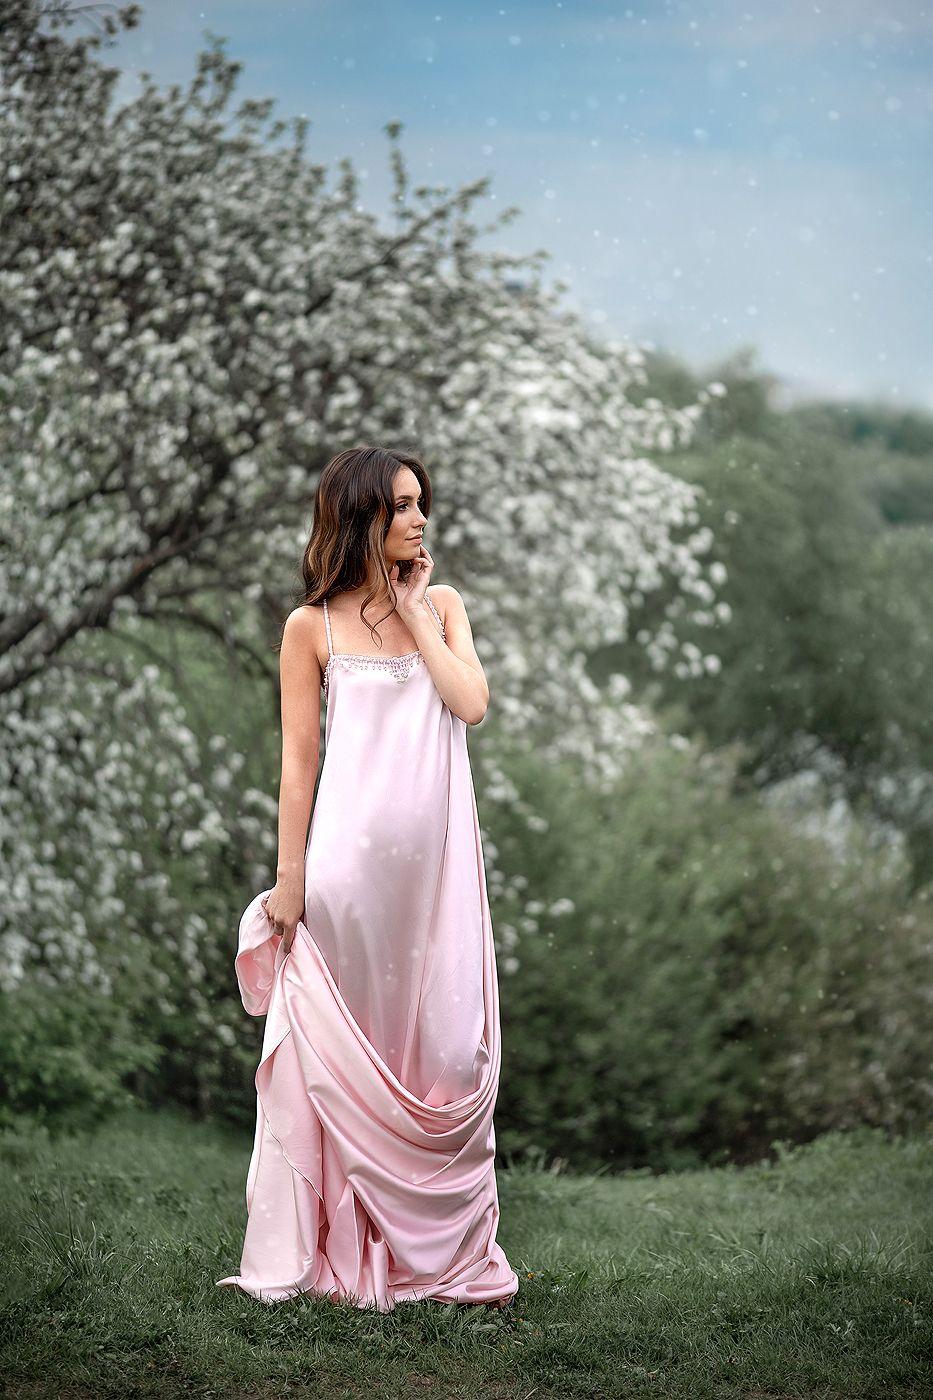 портрет девушка женский портрет яблонивцвету, Соловьёва Елена